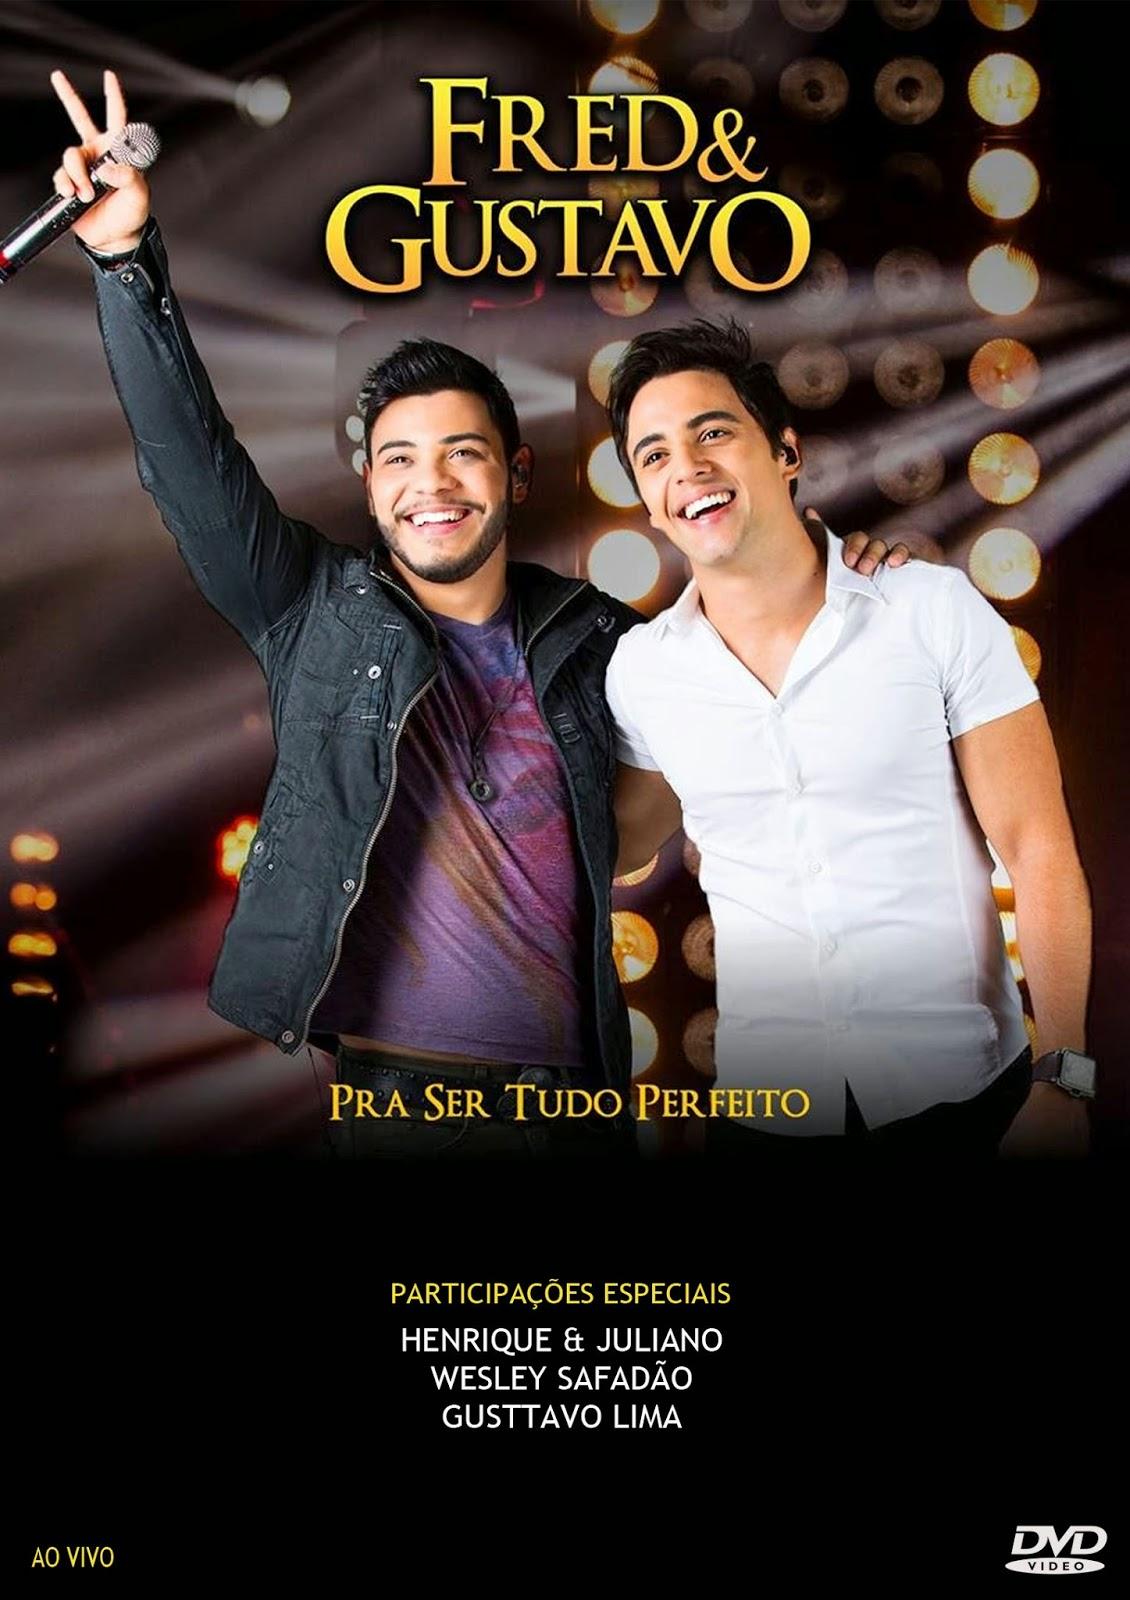 Fred & Gustavo  Pra Ser Tudo Perfeito  DVDRip AVI + RMVB